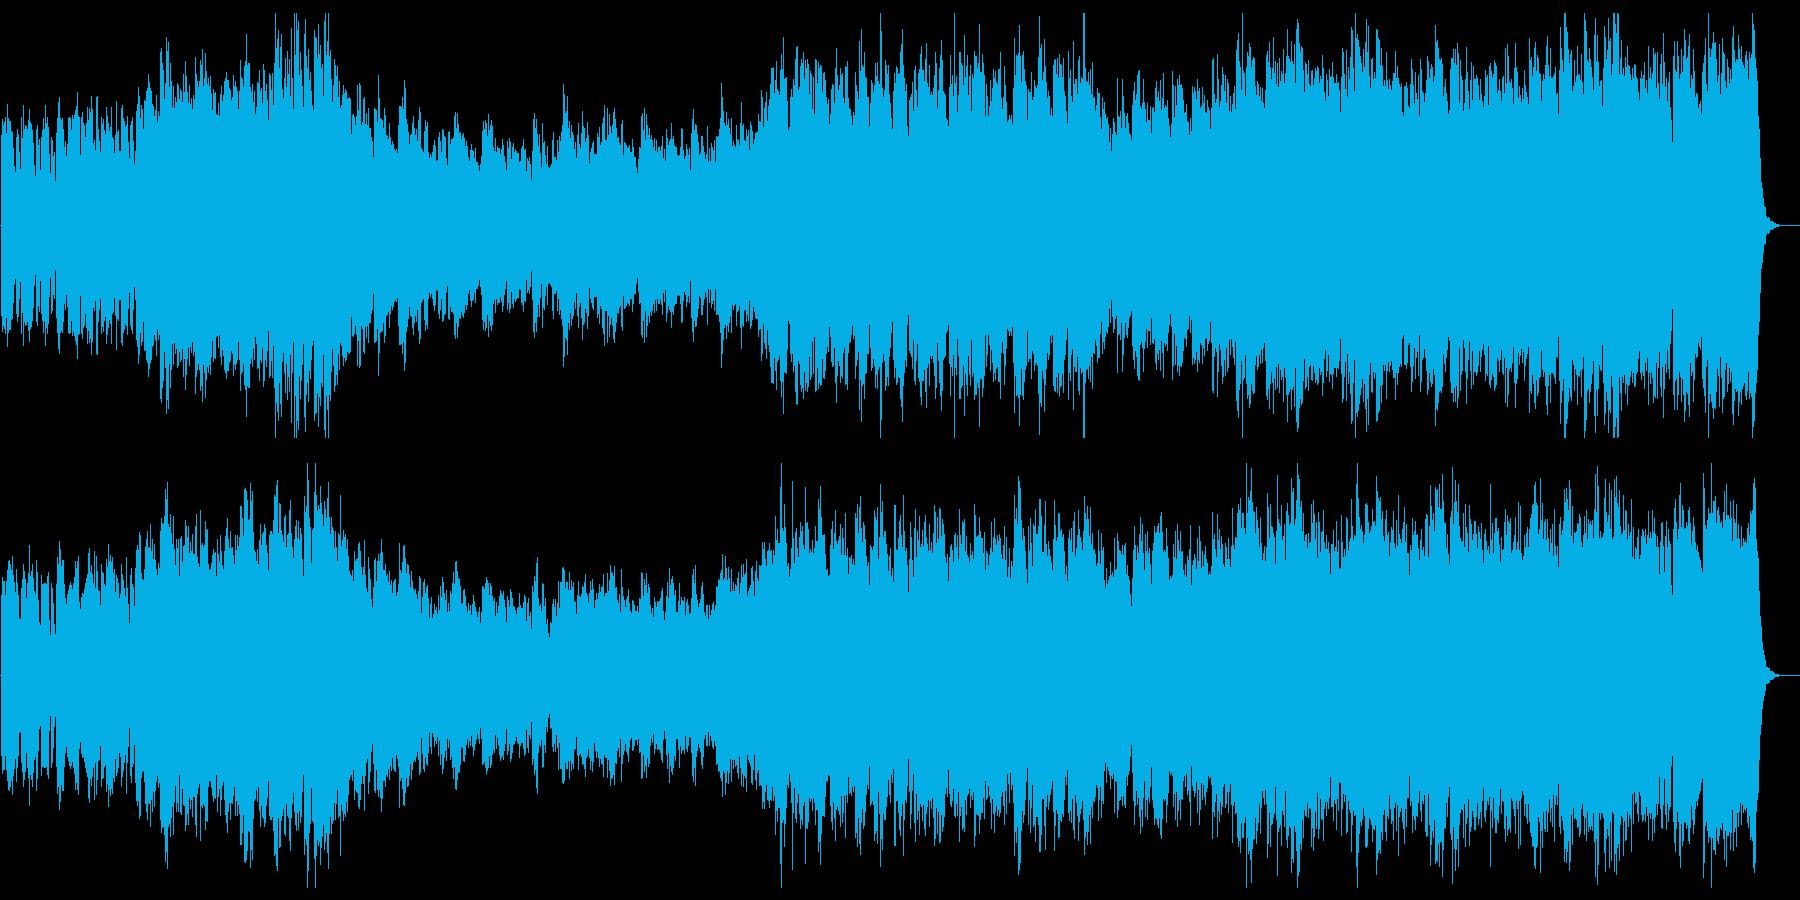 ハリウッド・オリンピック風ファンファーレの再生済みの波形